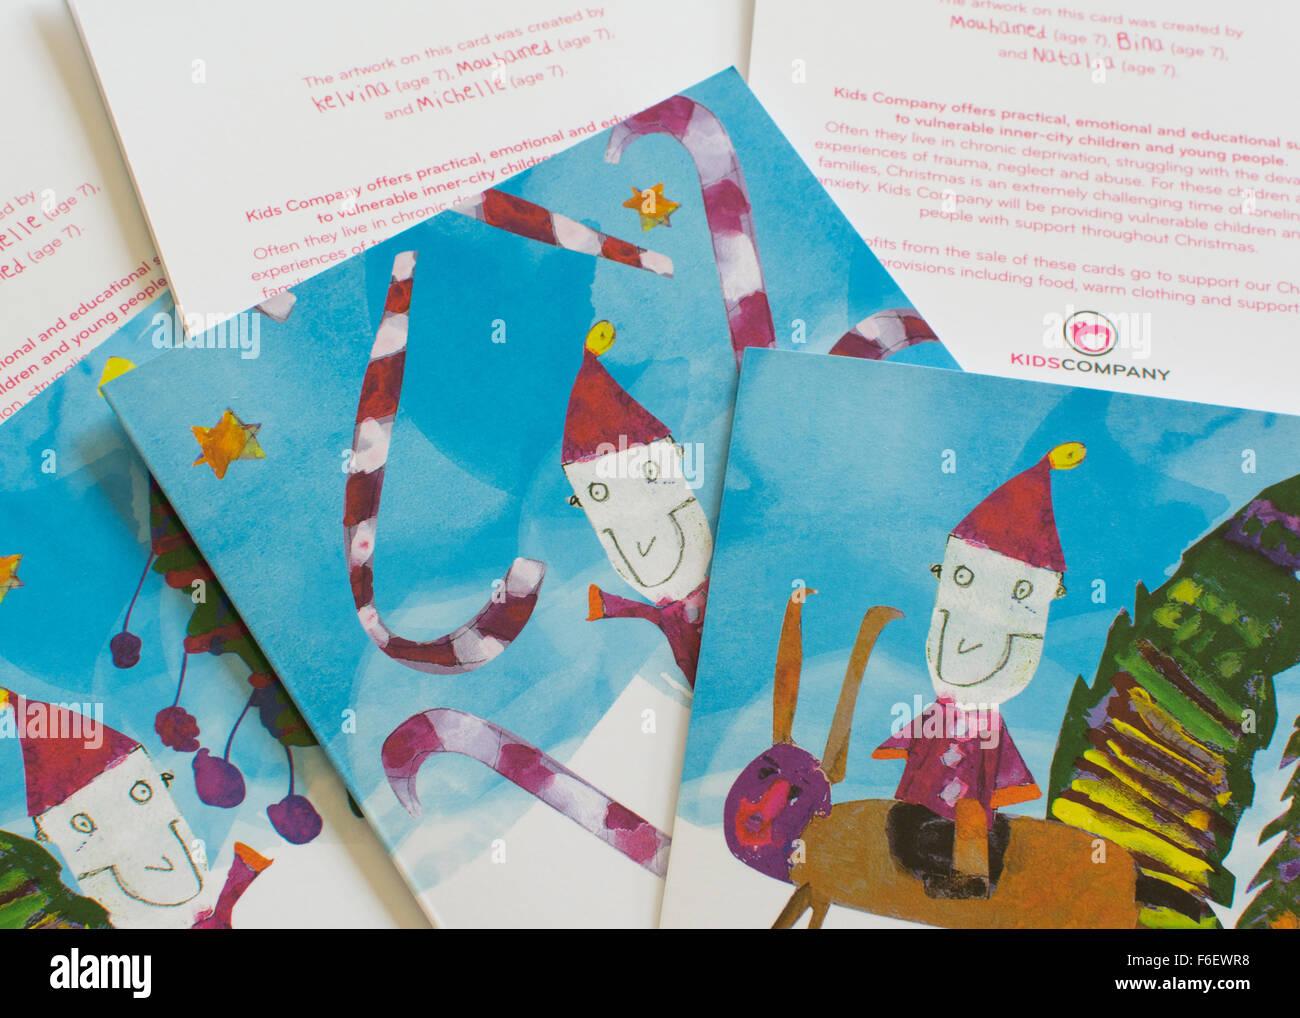 Weihnachtskarten, die Unterstützung der Kids Company Charity - 2014 Stockbild